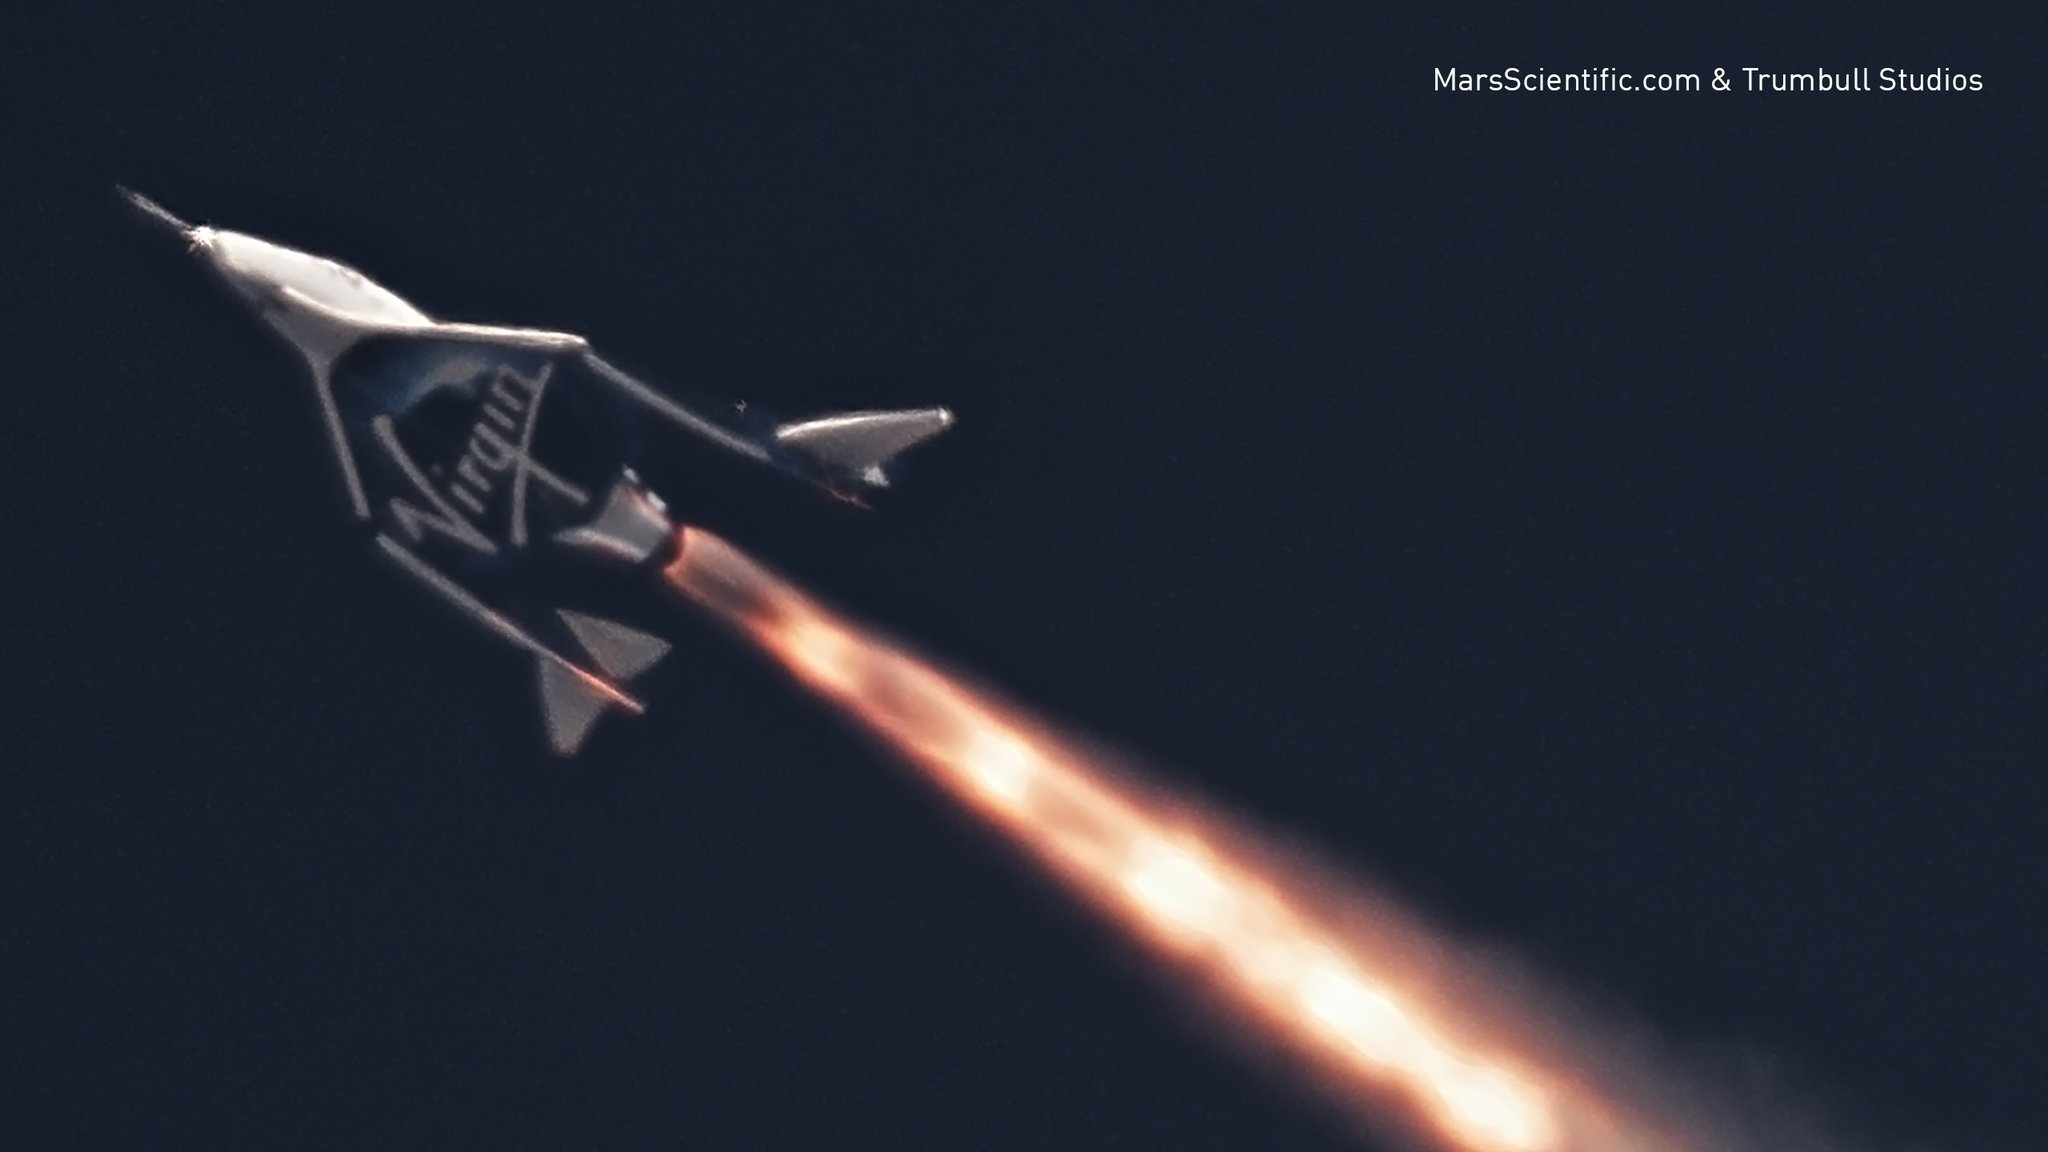 Суборбитальный VSS Unity (SpaceShipTwo) впервые испытали с активным двигателем [Видео]